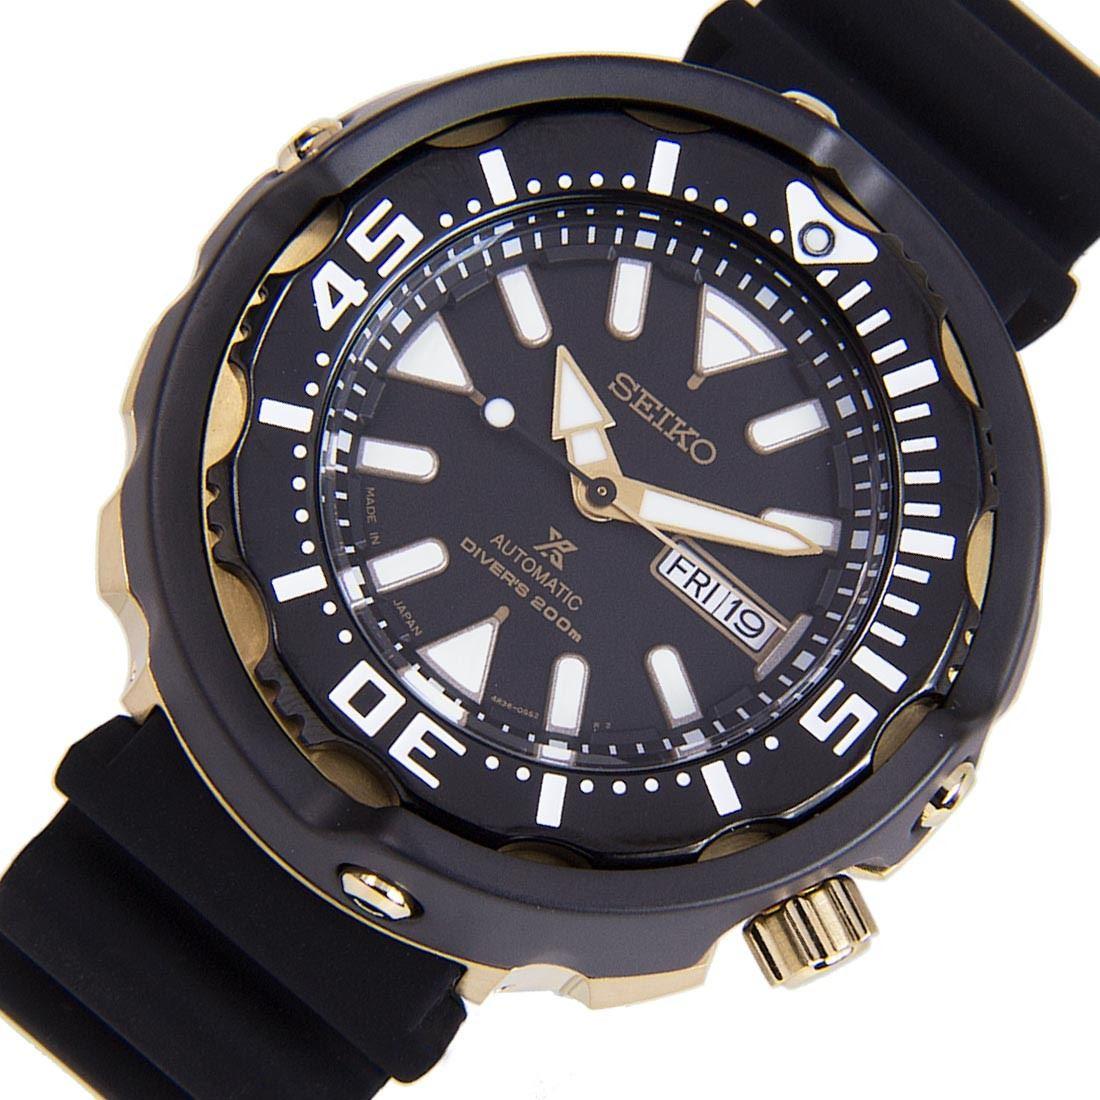 Seiko SRPA81J1 SRPA82K1 SRPA82J1 PROSPEX Divers Automatic ...